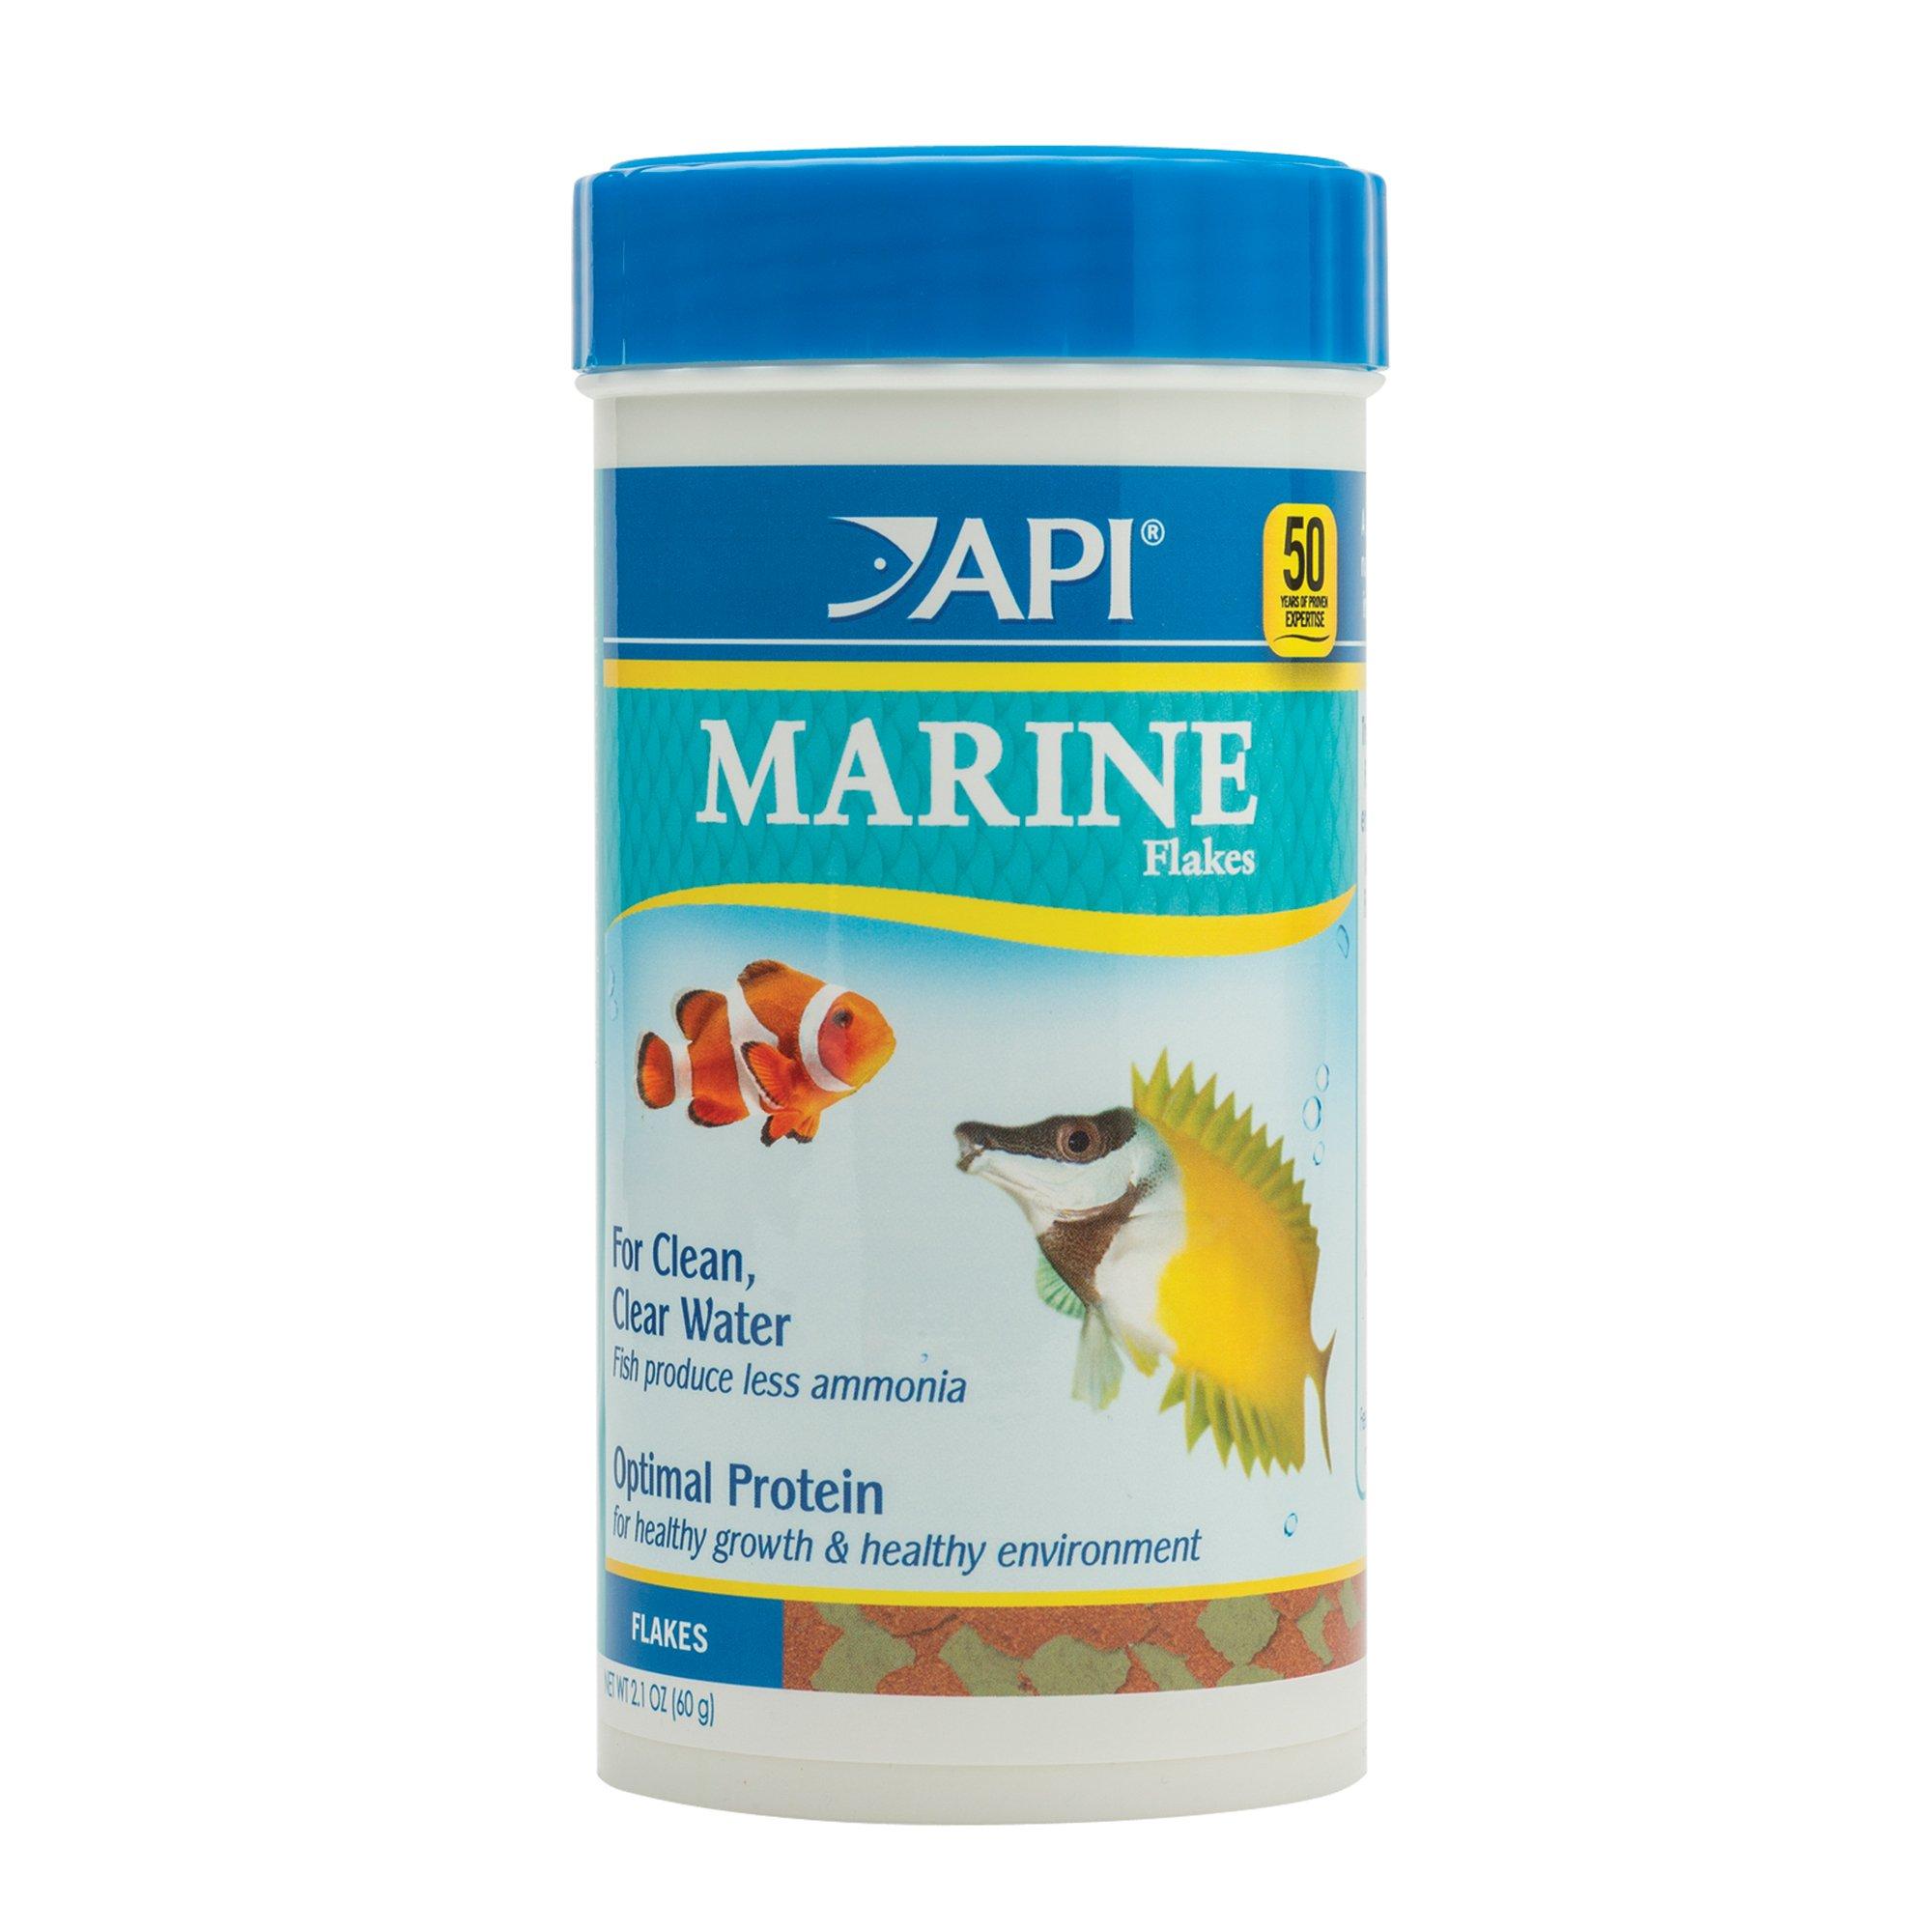 Api marine flakes fish food petco for Petco fish food